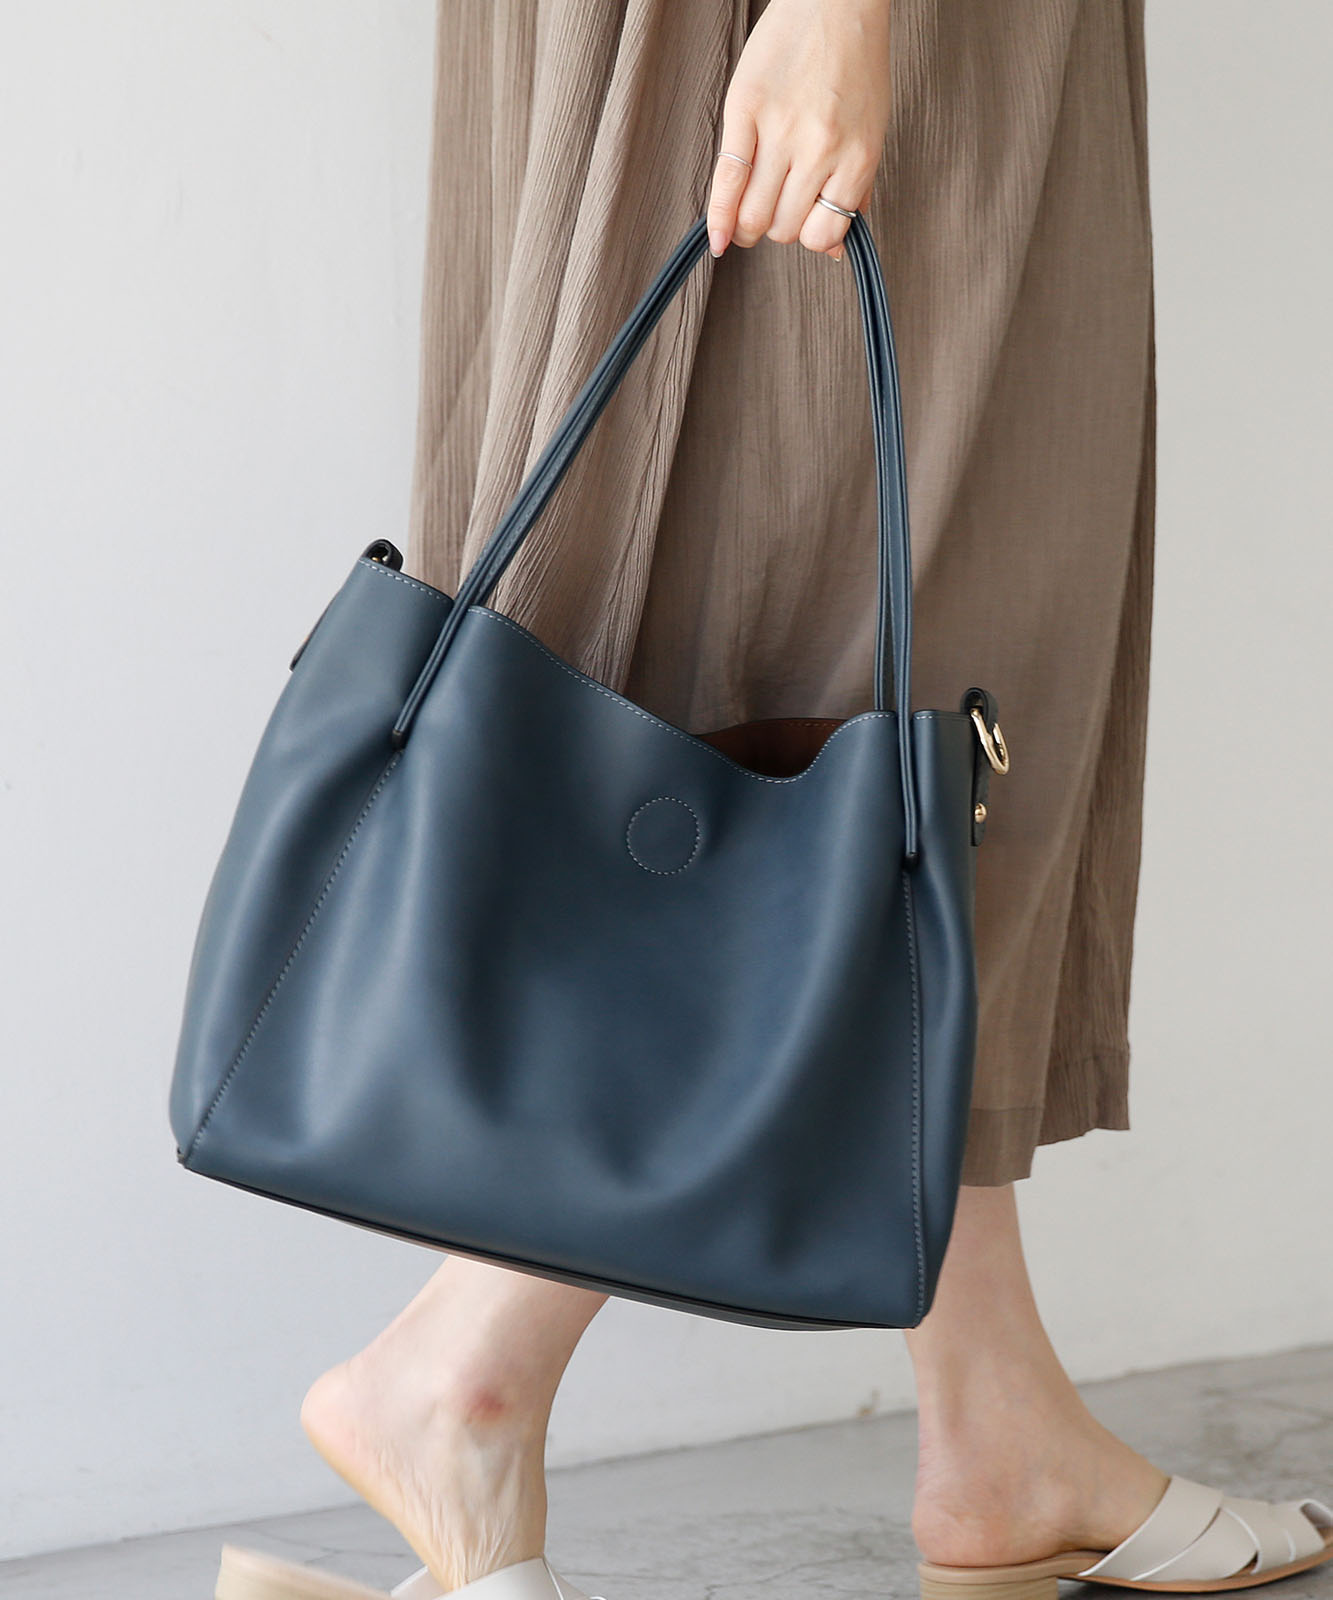 インナーバッグ付き2wayトートバッグ